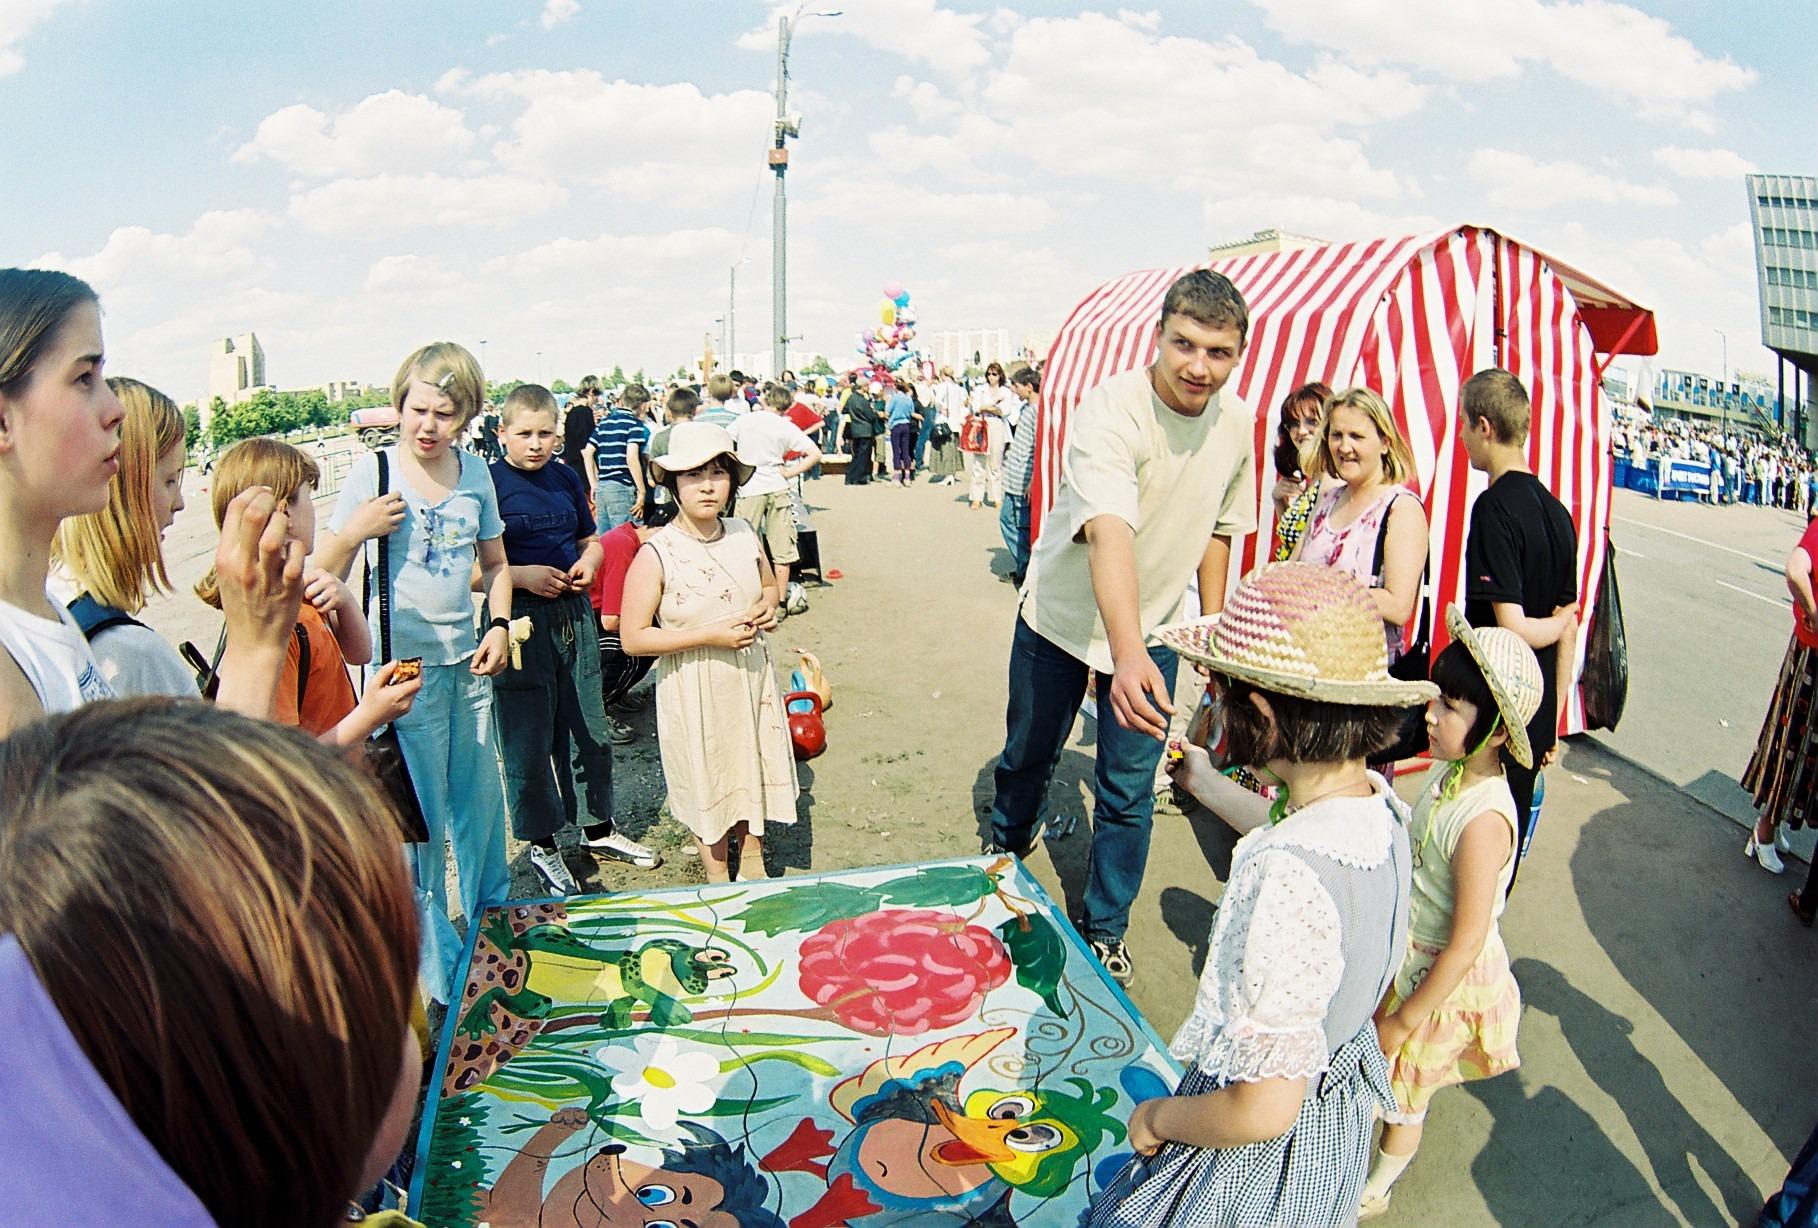 2002 празднование Дня детей 1 июня 2002 г. (снято на широкоугольный объектив Зенита)4